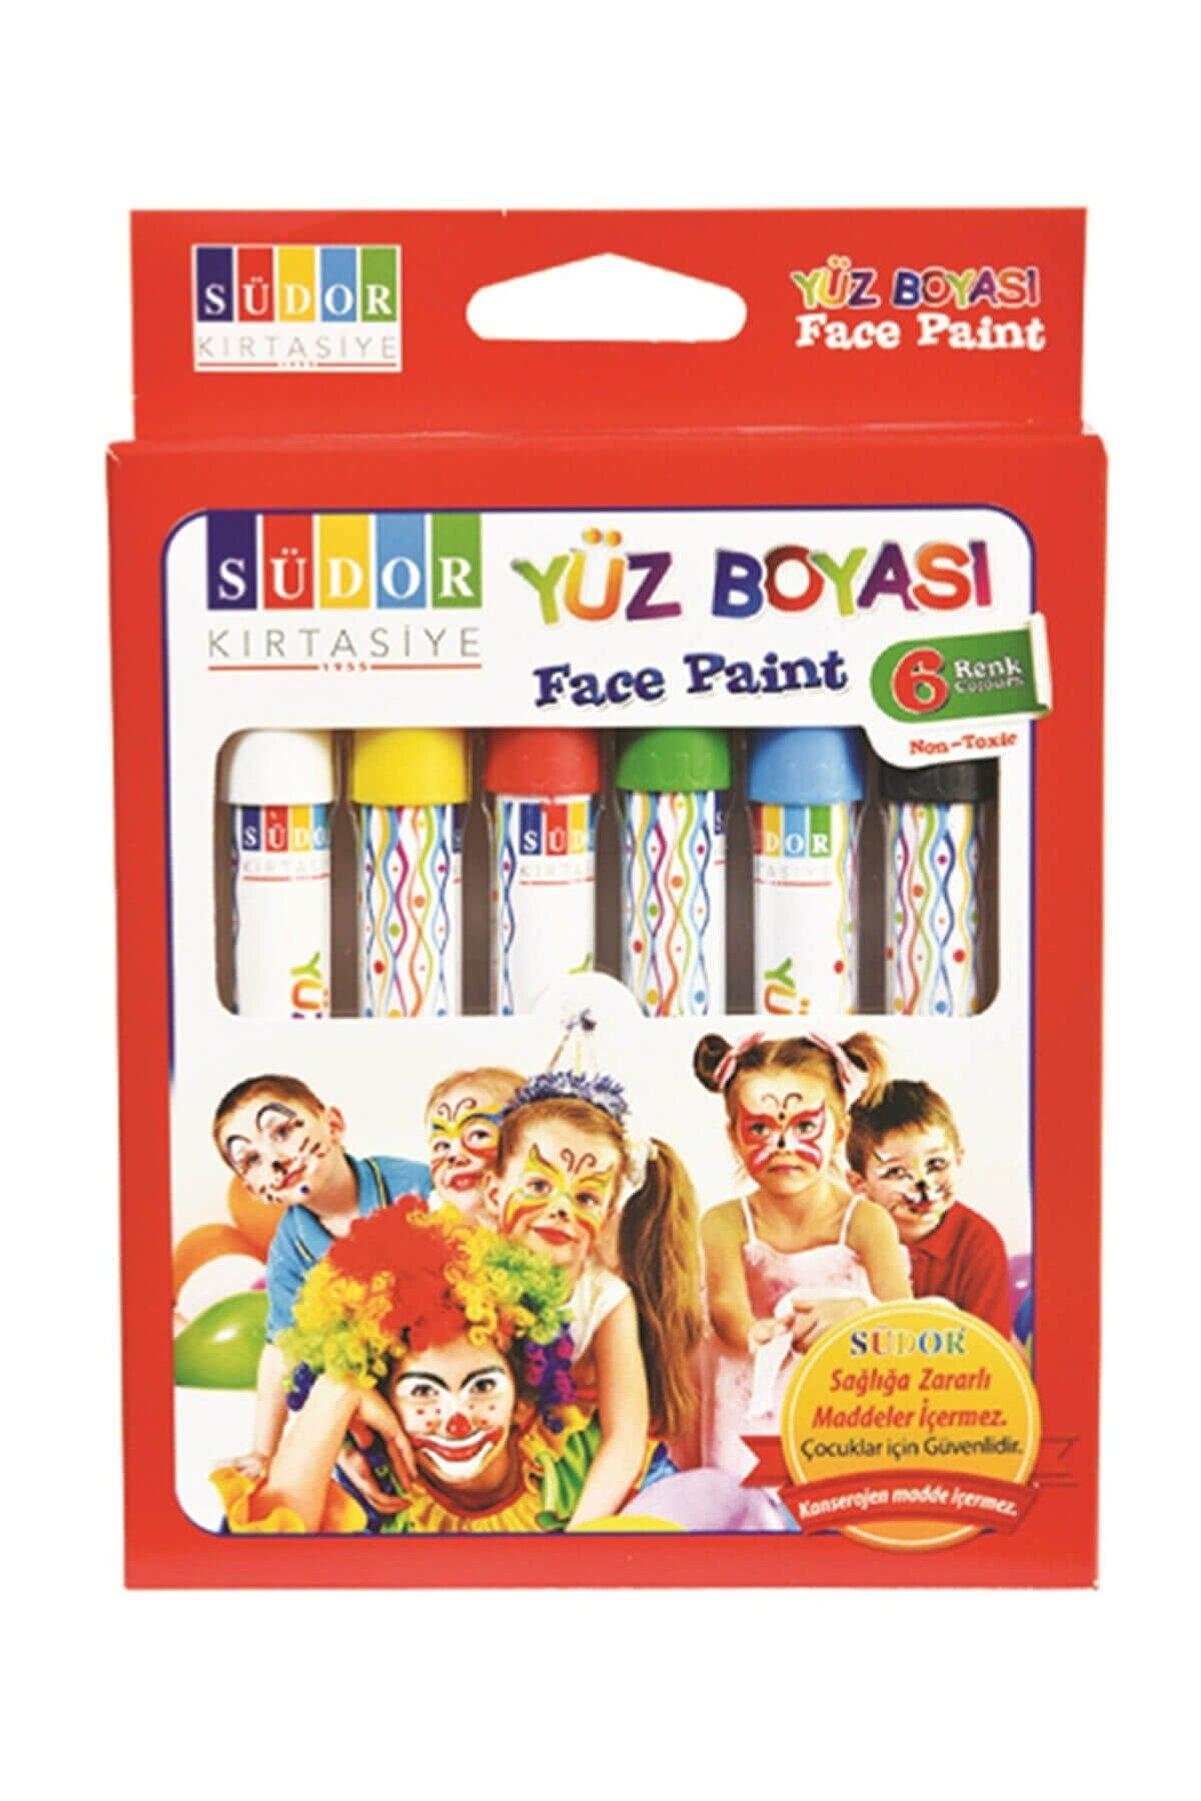 Südor Yüz Boyası 6 Renk Mixartcolors